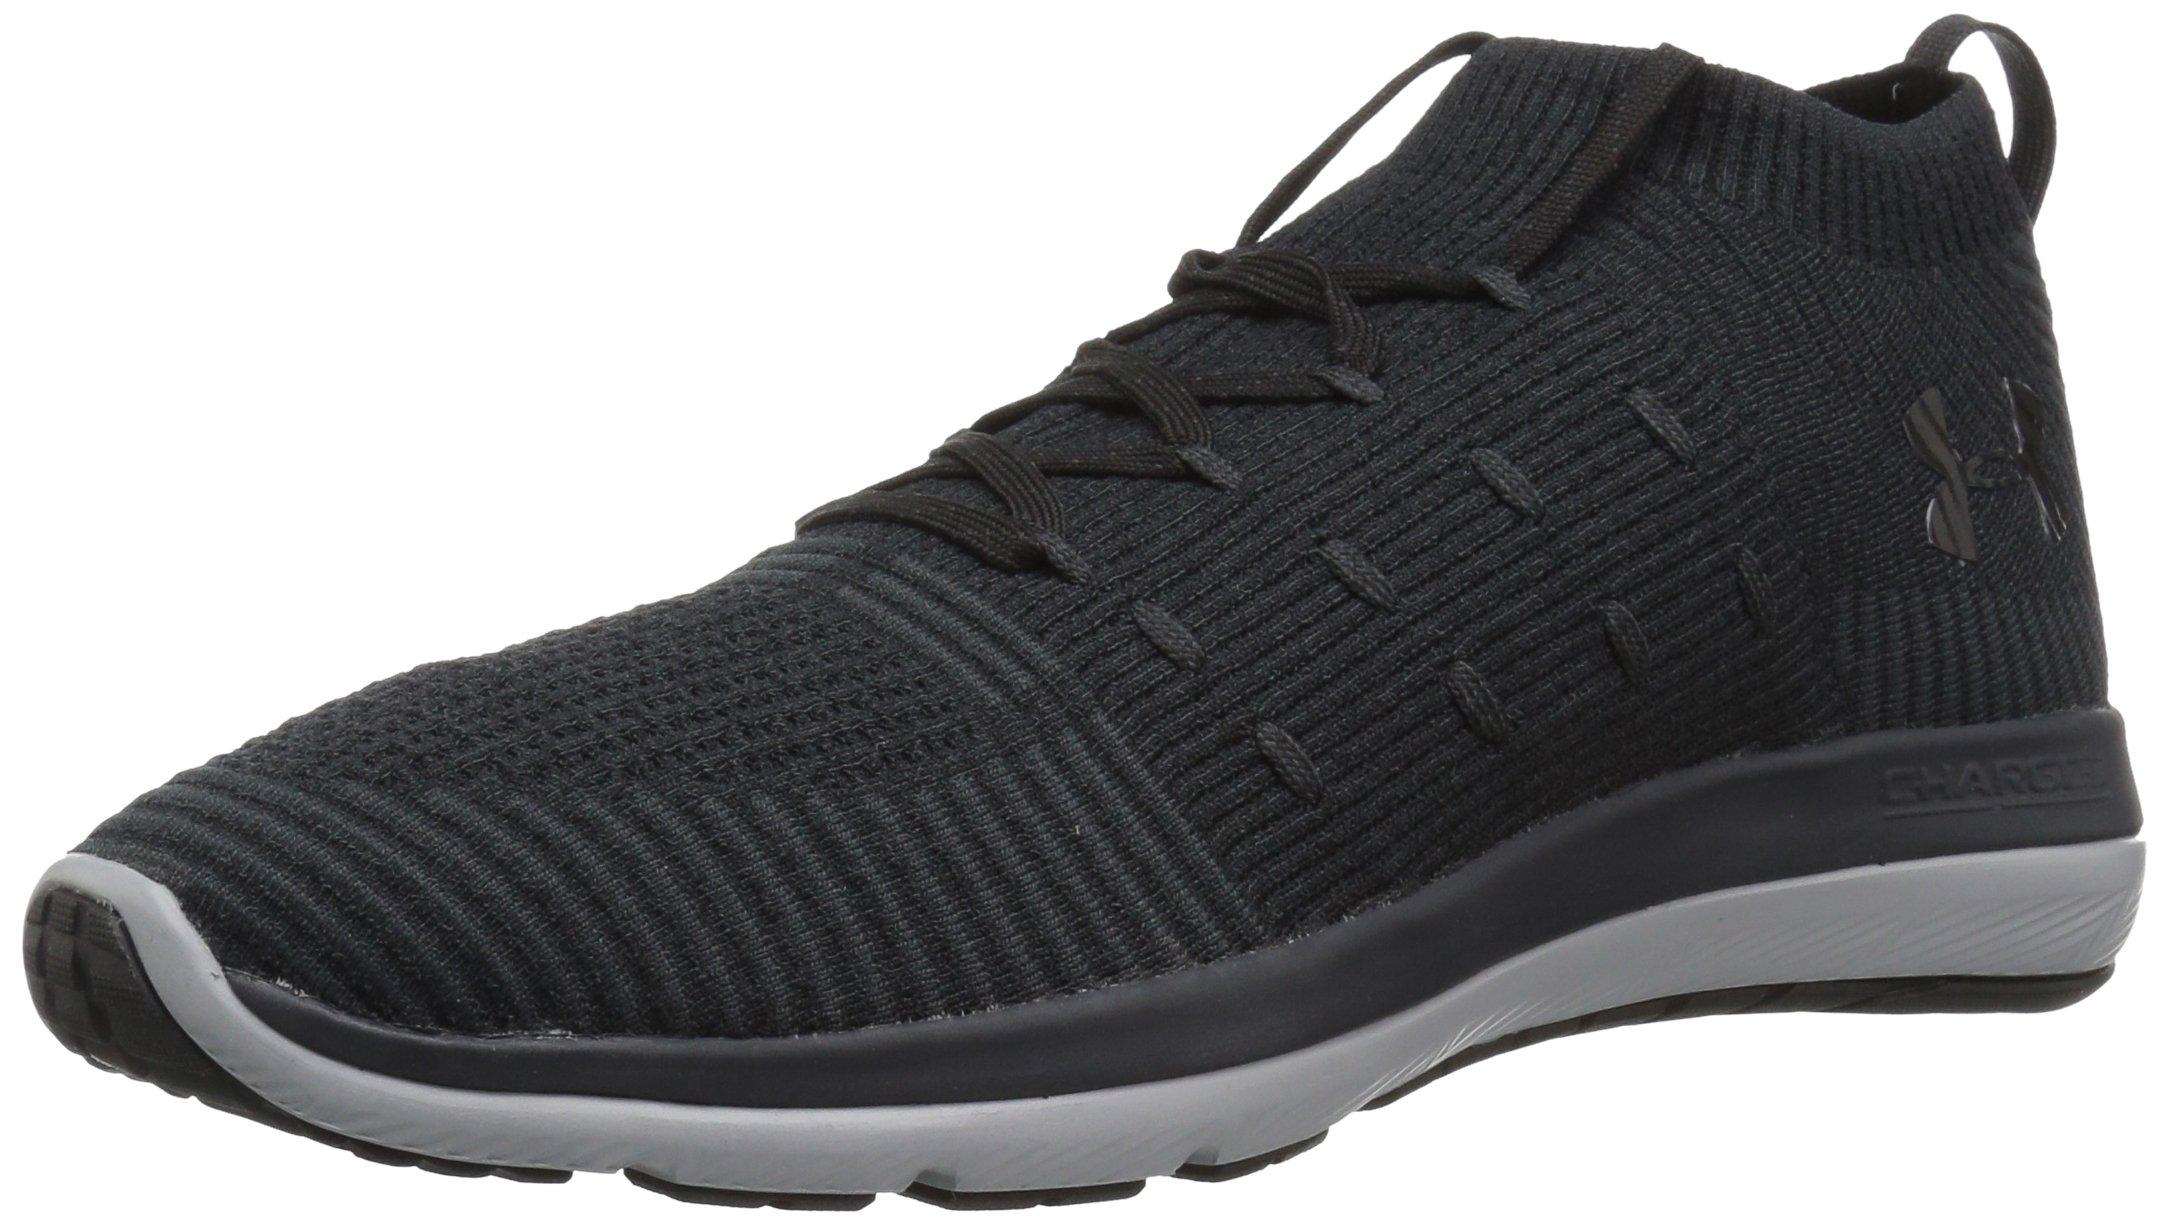 huge discount 765c1 e7111 Under Armour Men's Ua Slingflex Mid Training Shoes